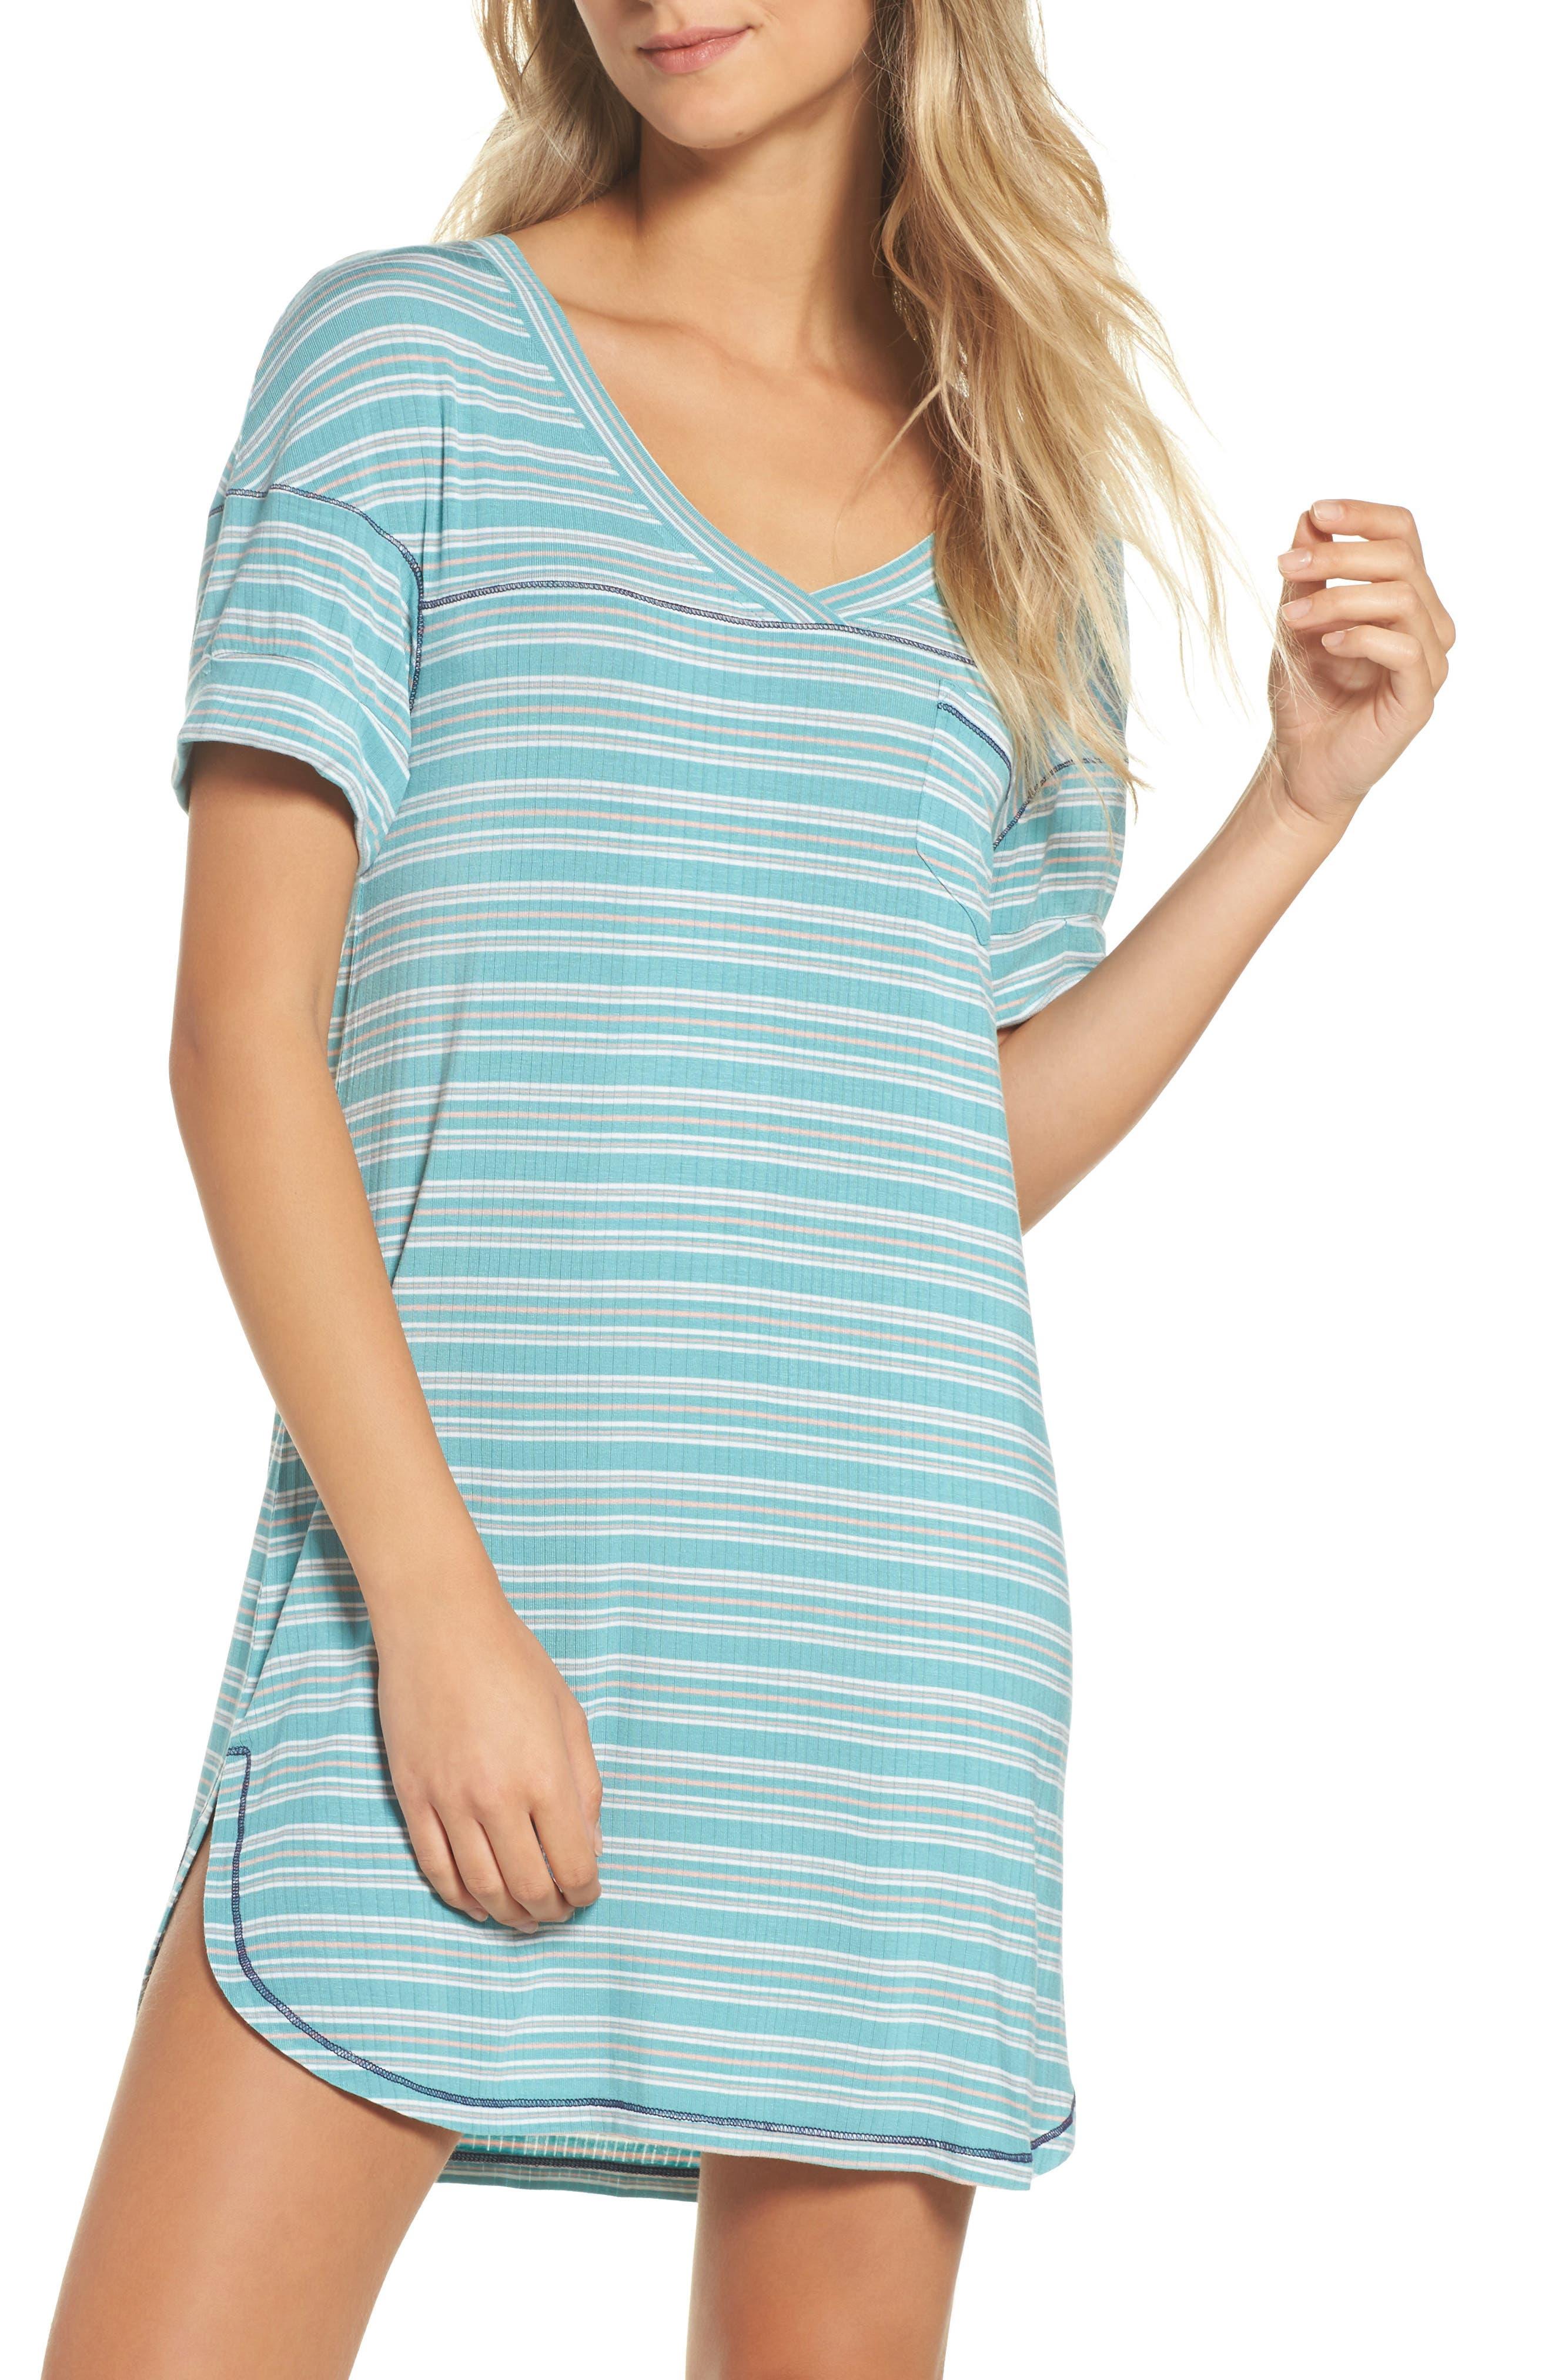 Rib Sleep Shirt,                             Main thumbnail 1, color,                             300